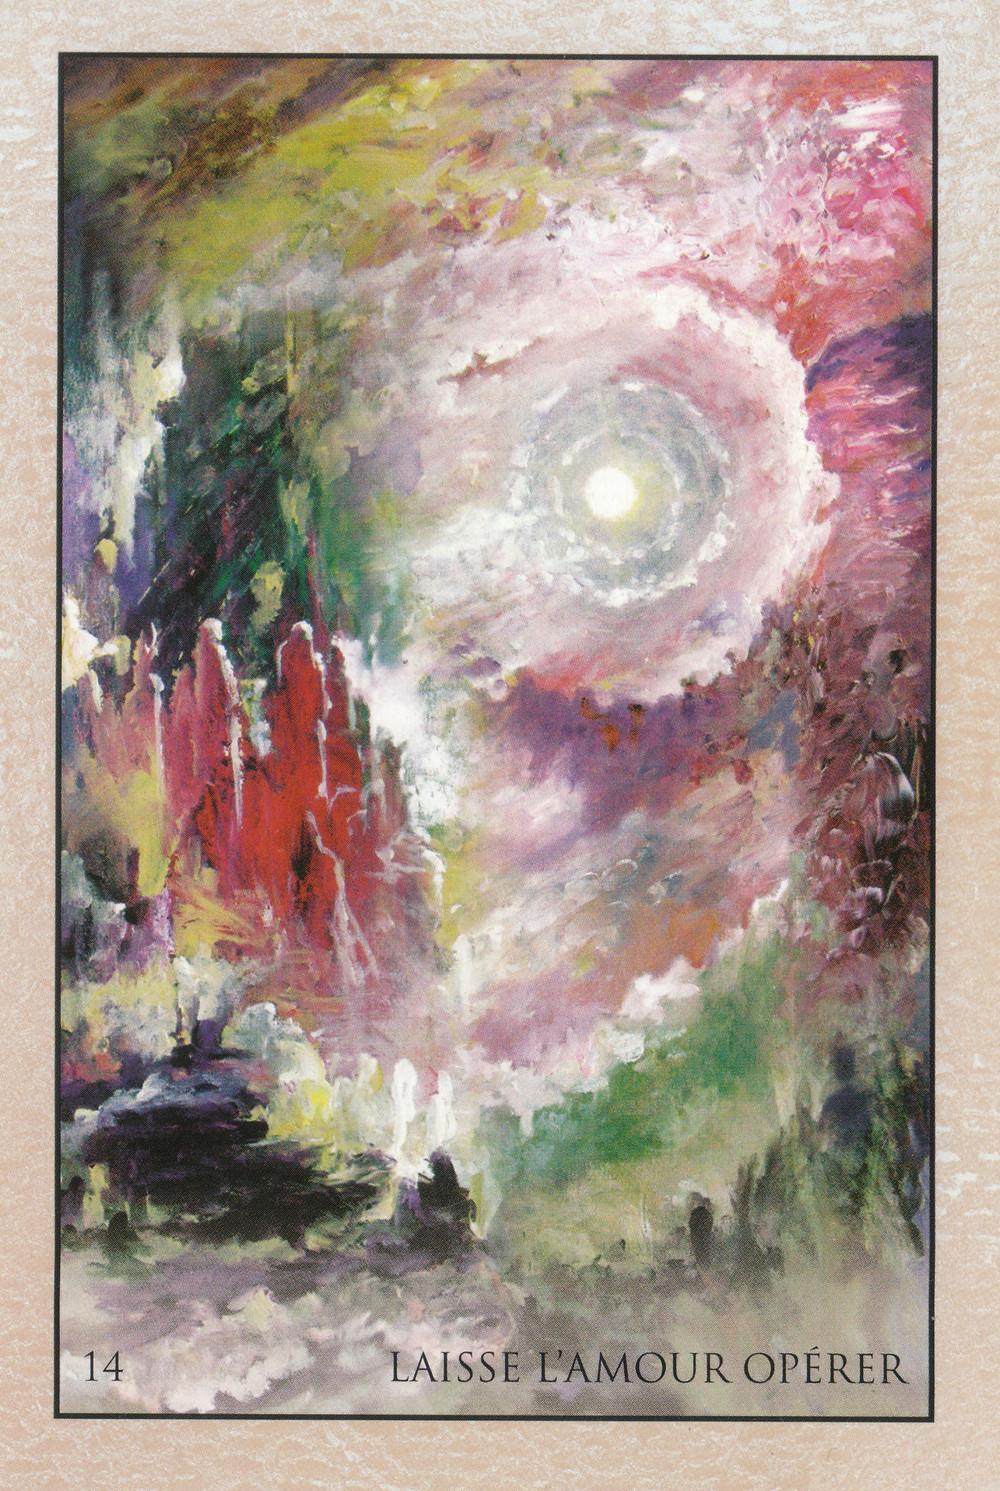 Carte L'Oracle de Roumi d'Alana Fairchild - Energies du 7 au 13 septembre 2020 (Portail du 9-9) : Choisir son Cœur et laisser l'Amour opérer...